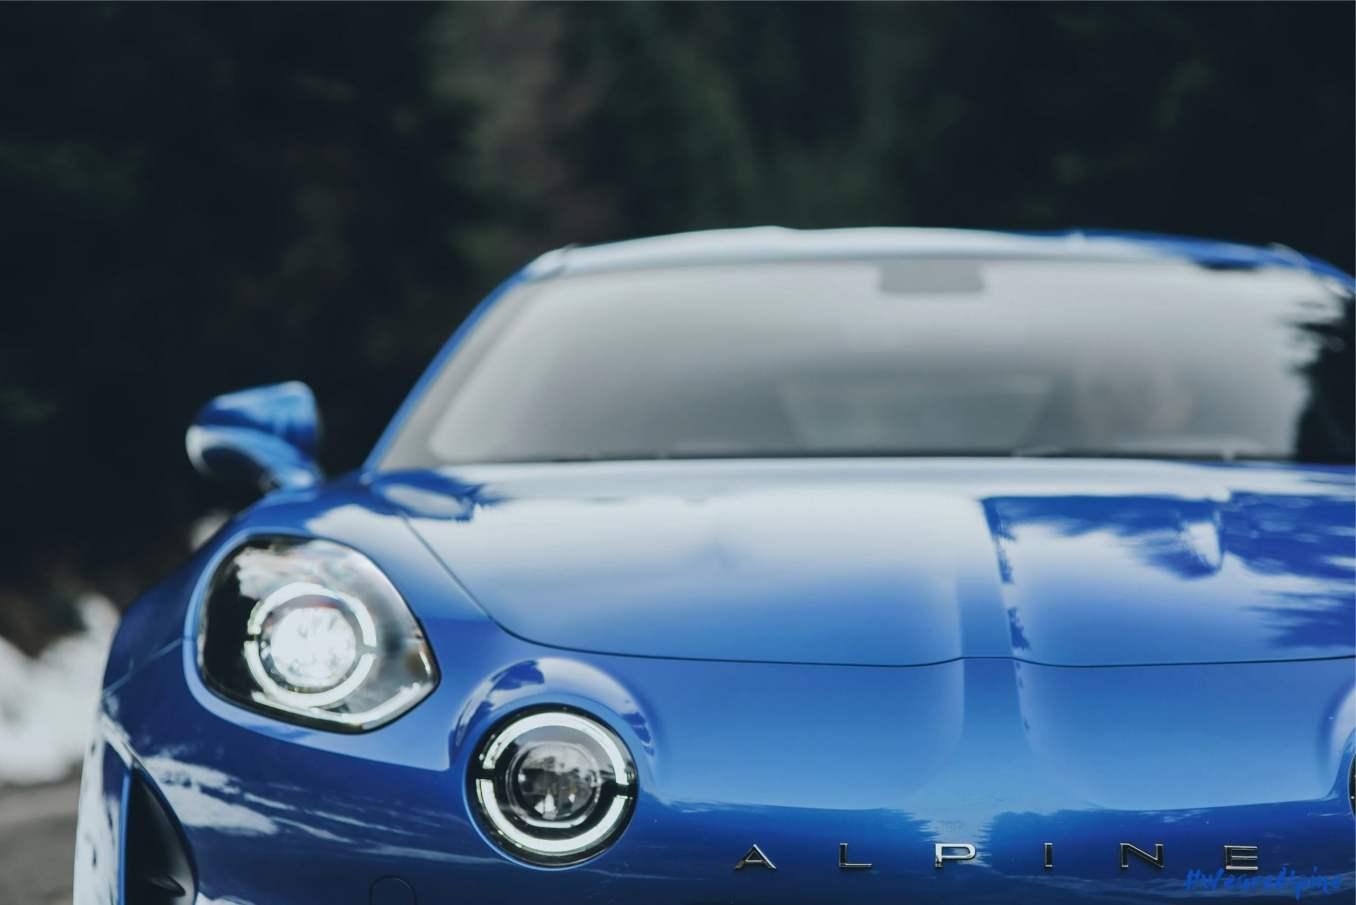 Genève 2017 Alpine A110 Premiere edition officielle 4 imp scaled | Salon de Genève 2017, toutes les informations officielles de l'Alpine A110 !